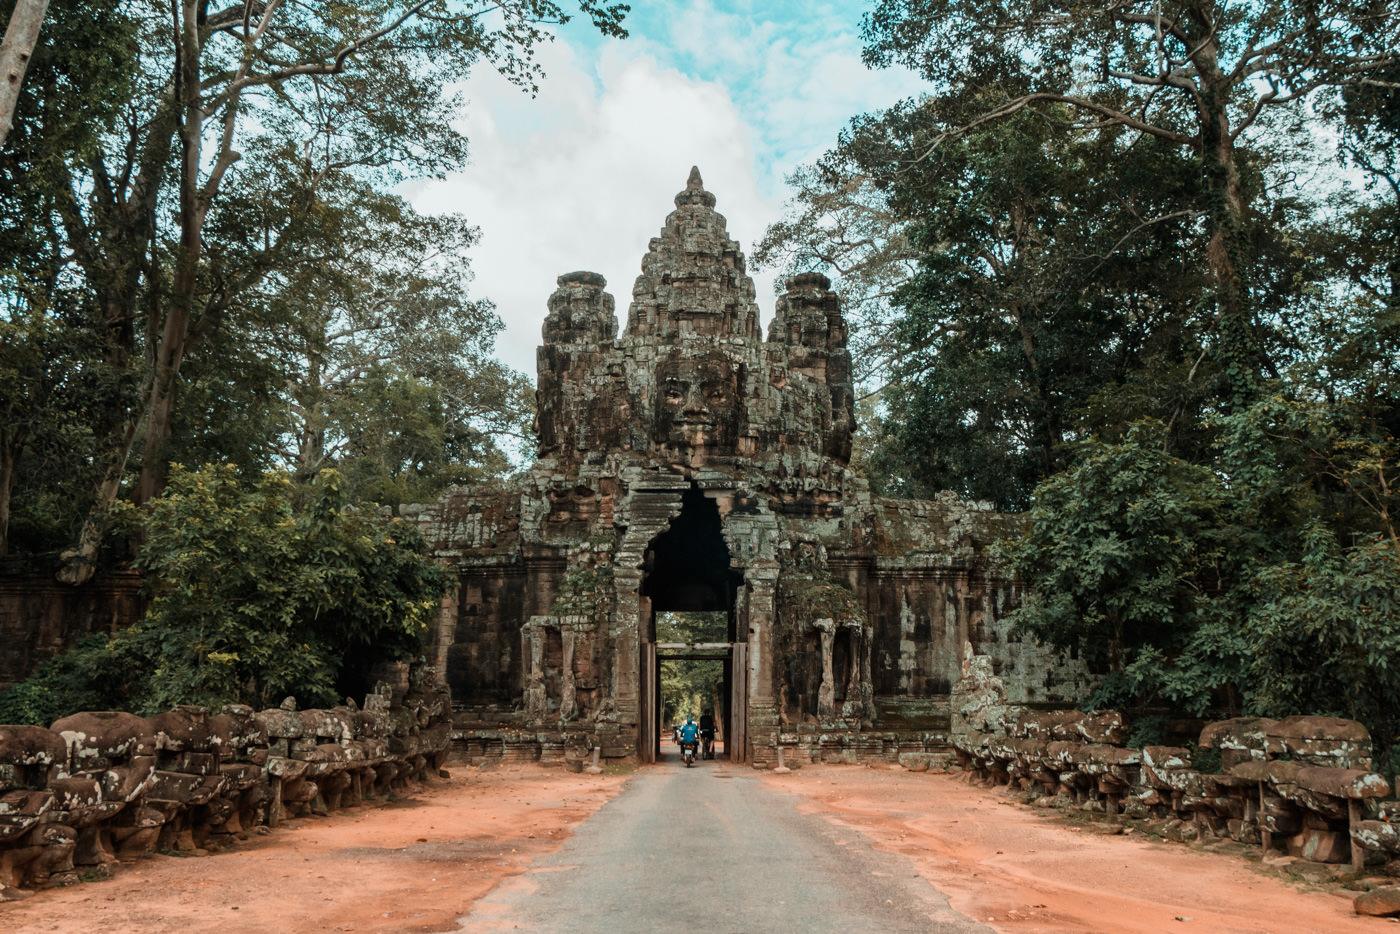 Angkor Thom Victory Gate, Angkor Wat, Kambodscha